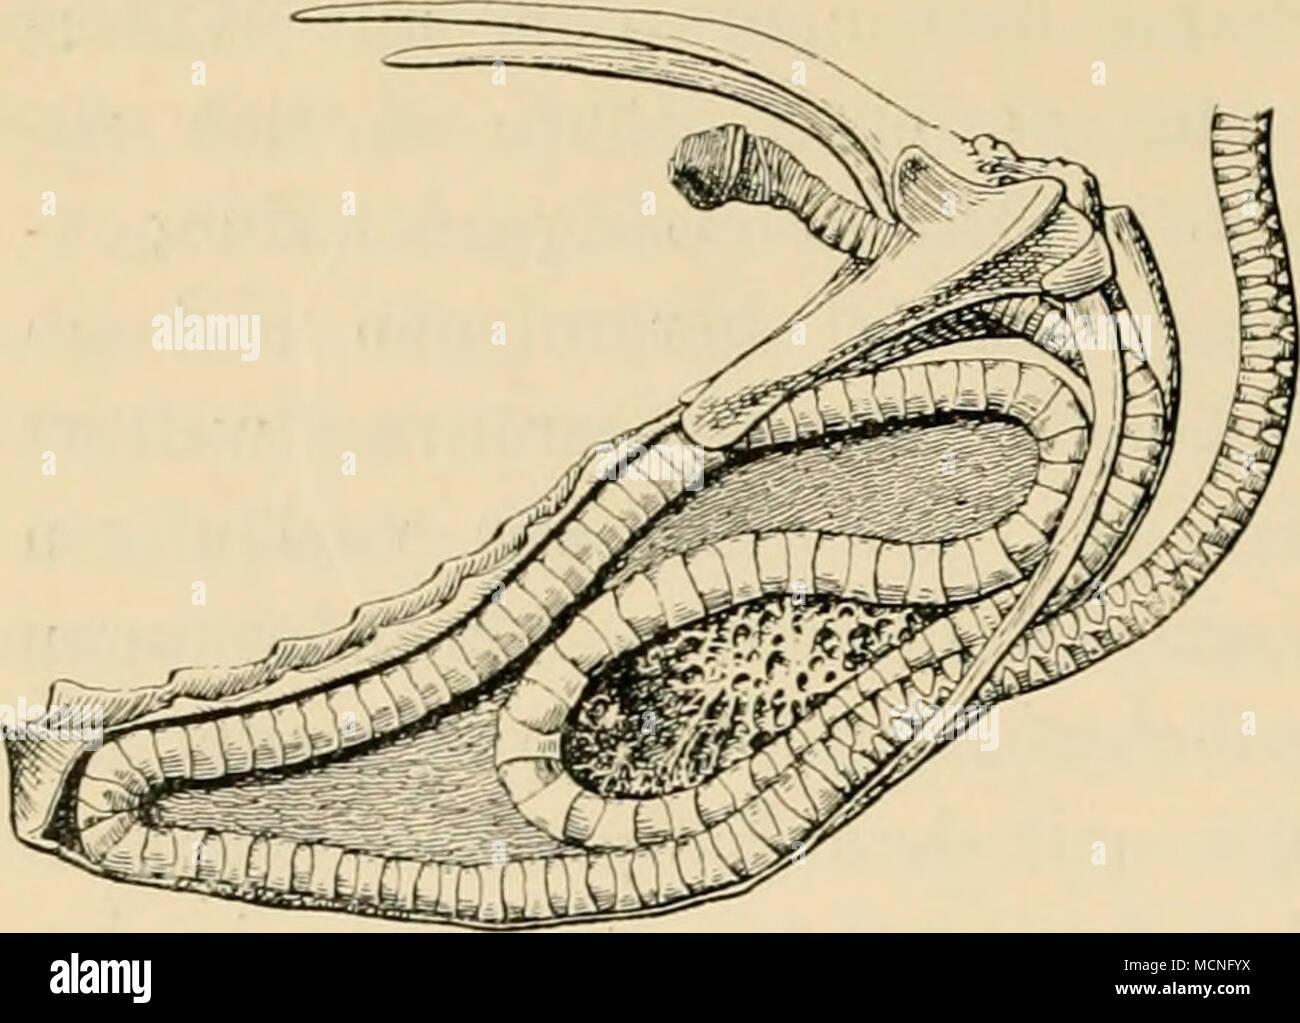 Fig. 12. Lultröhre des Kranichs. liches Stimmorgan ist, da am oberen ...